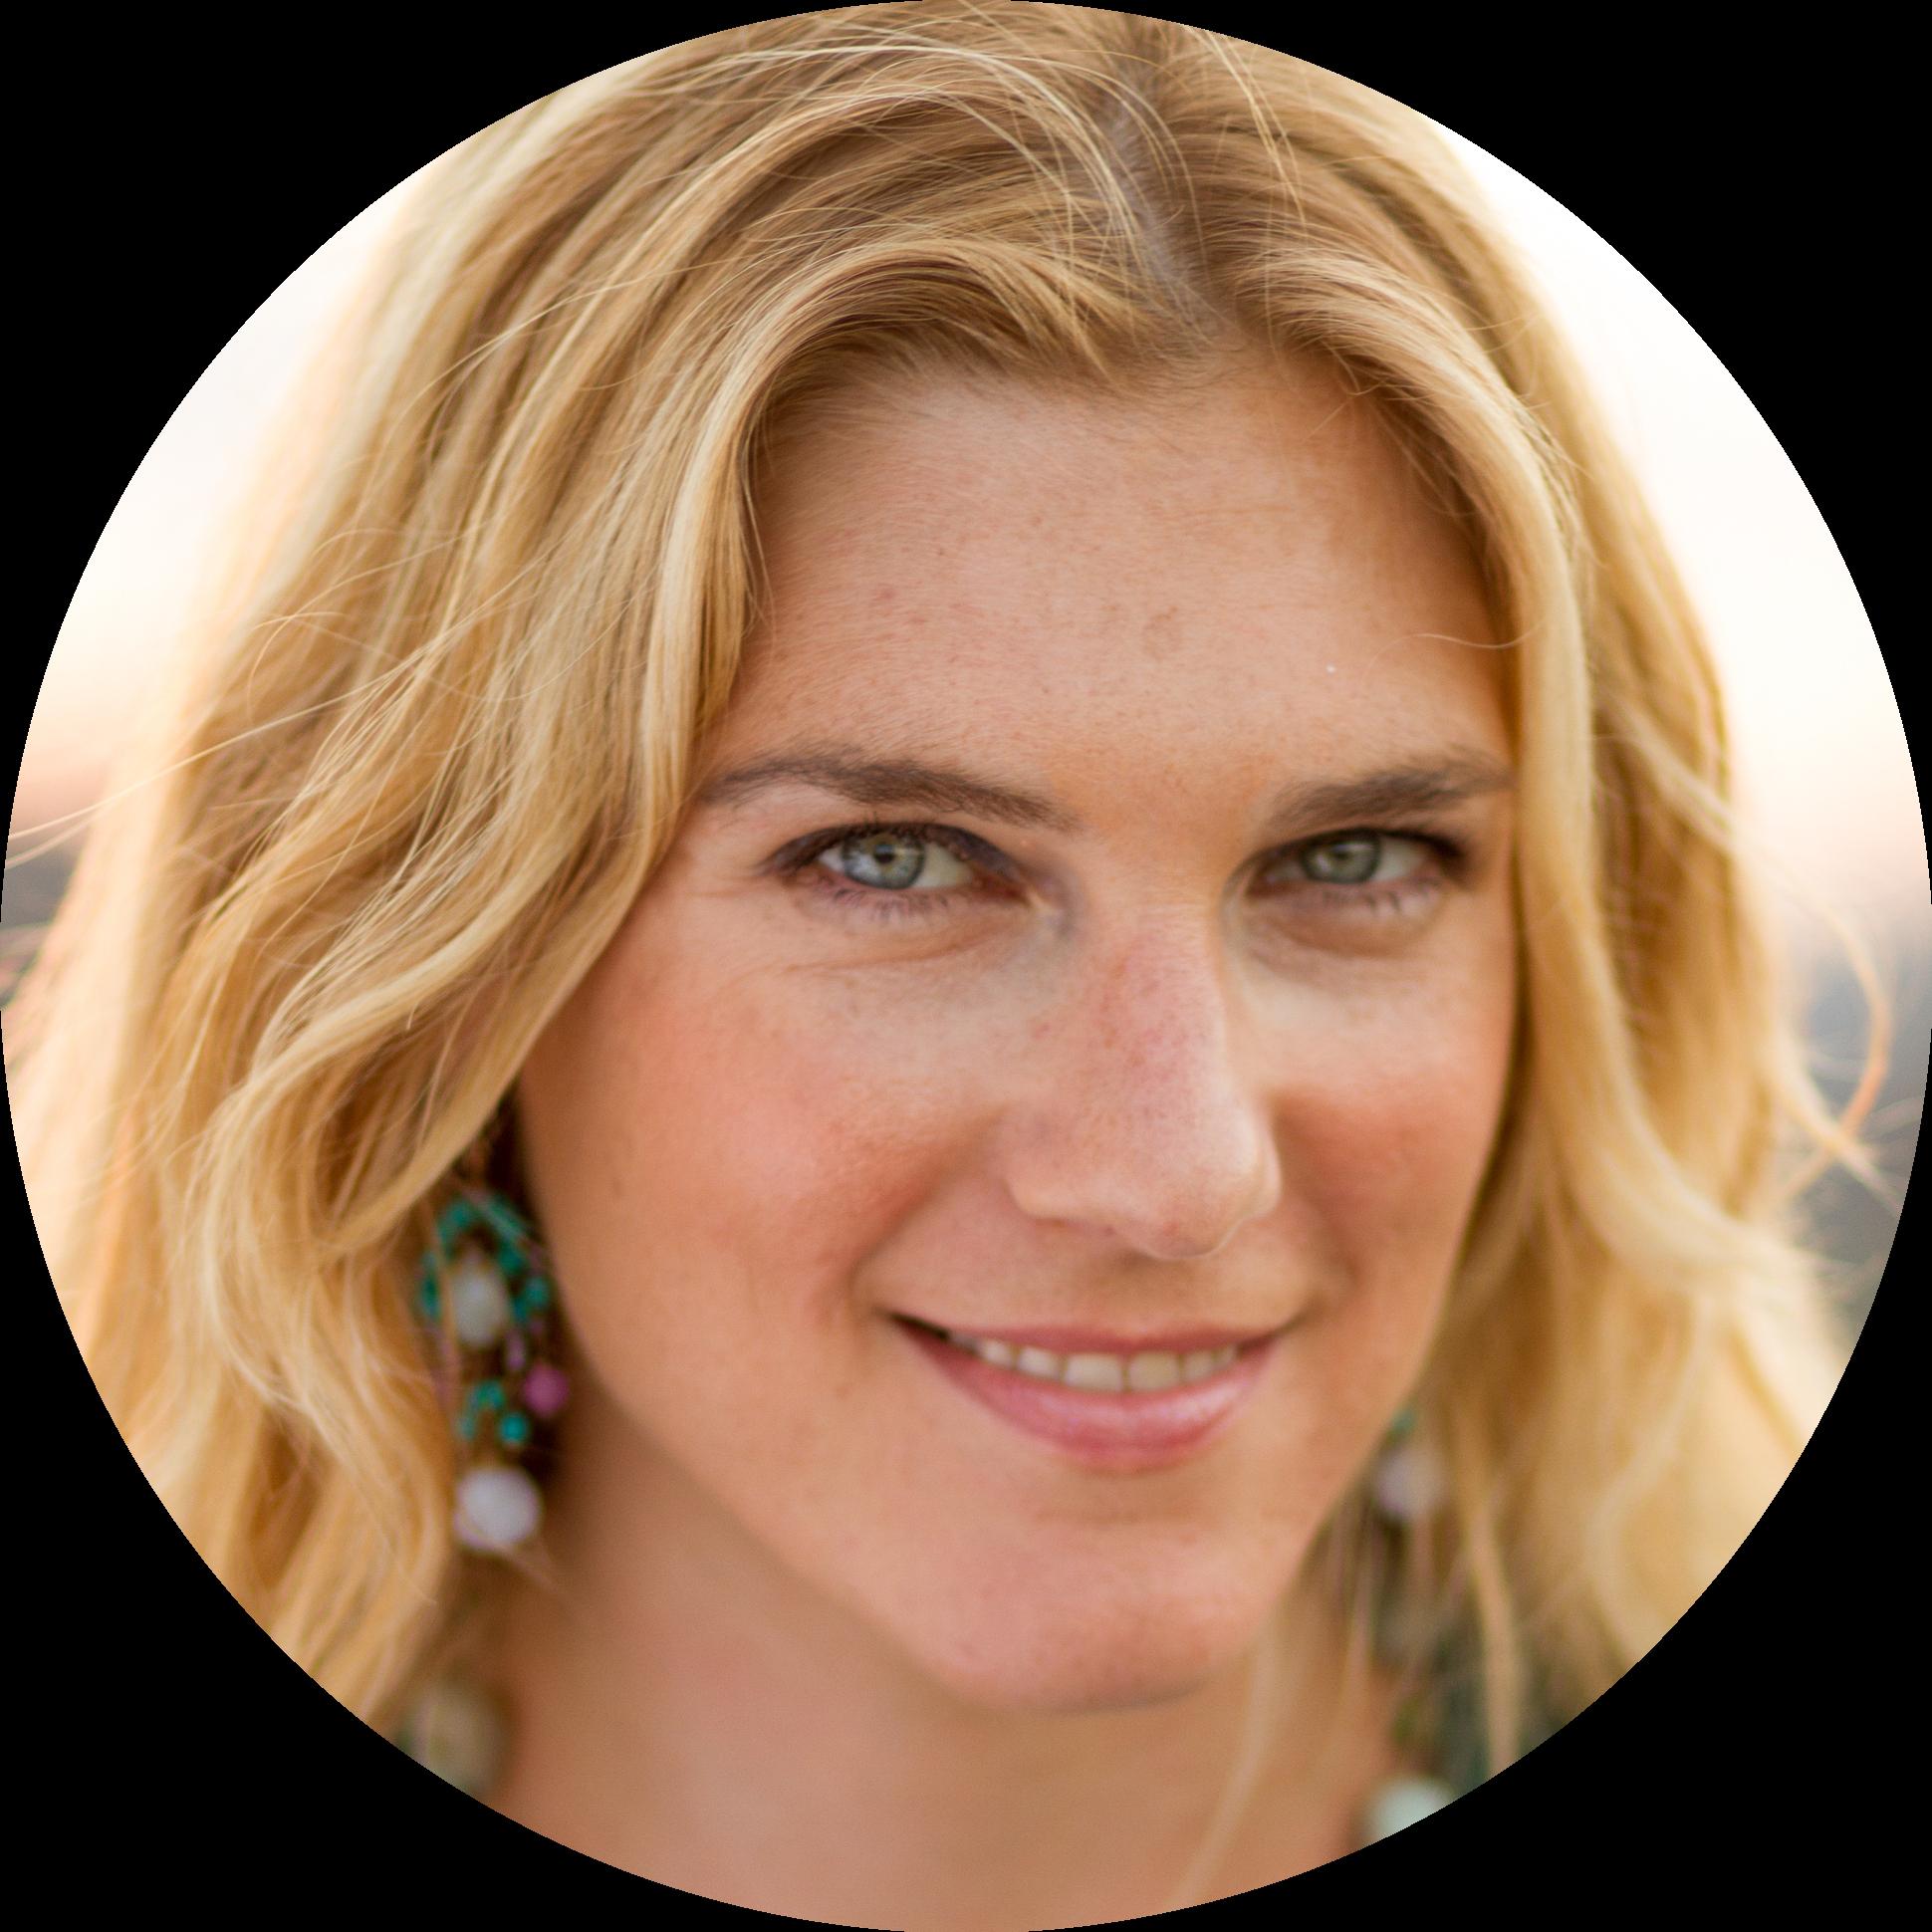 Anya-Kamenetz-round-expert-2020